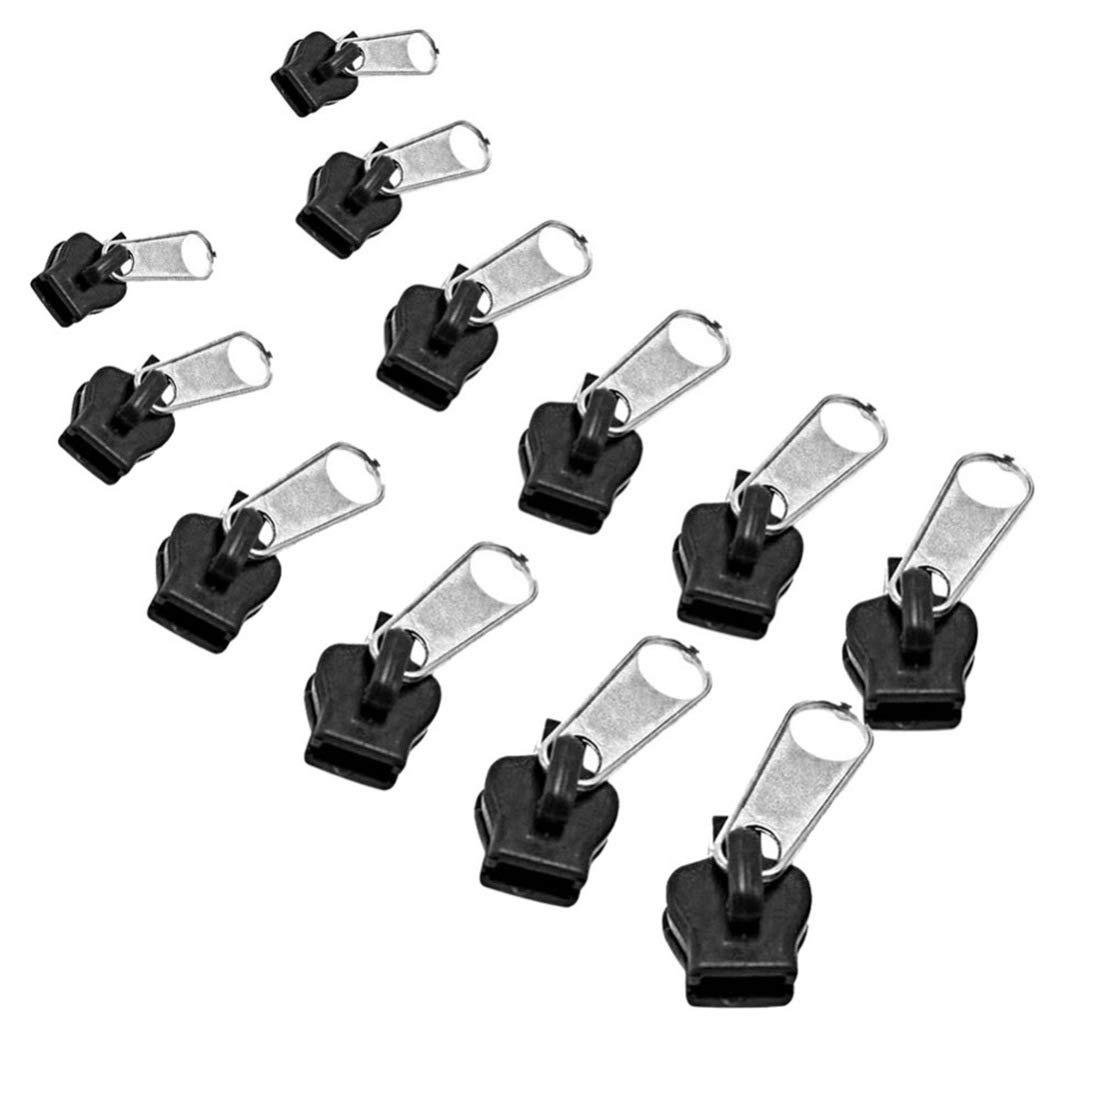 ECYC® 12pcs Fix Cremallera De Repuesto con Cremallera Kit De ReparacióN InstantáNea: Amazon.es: Hogar